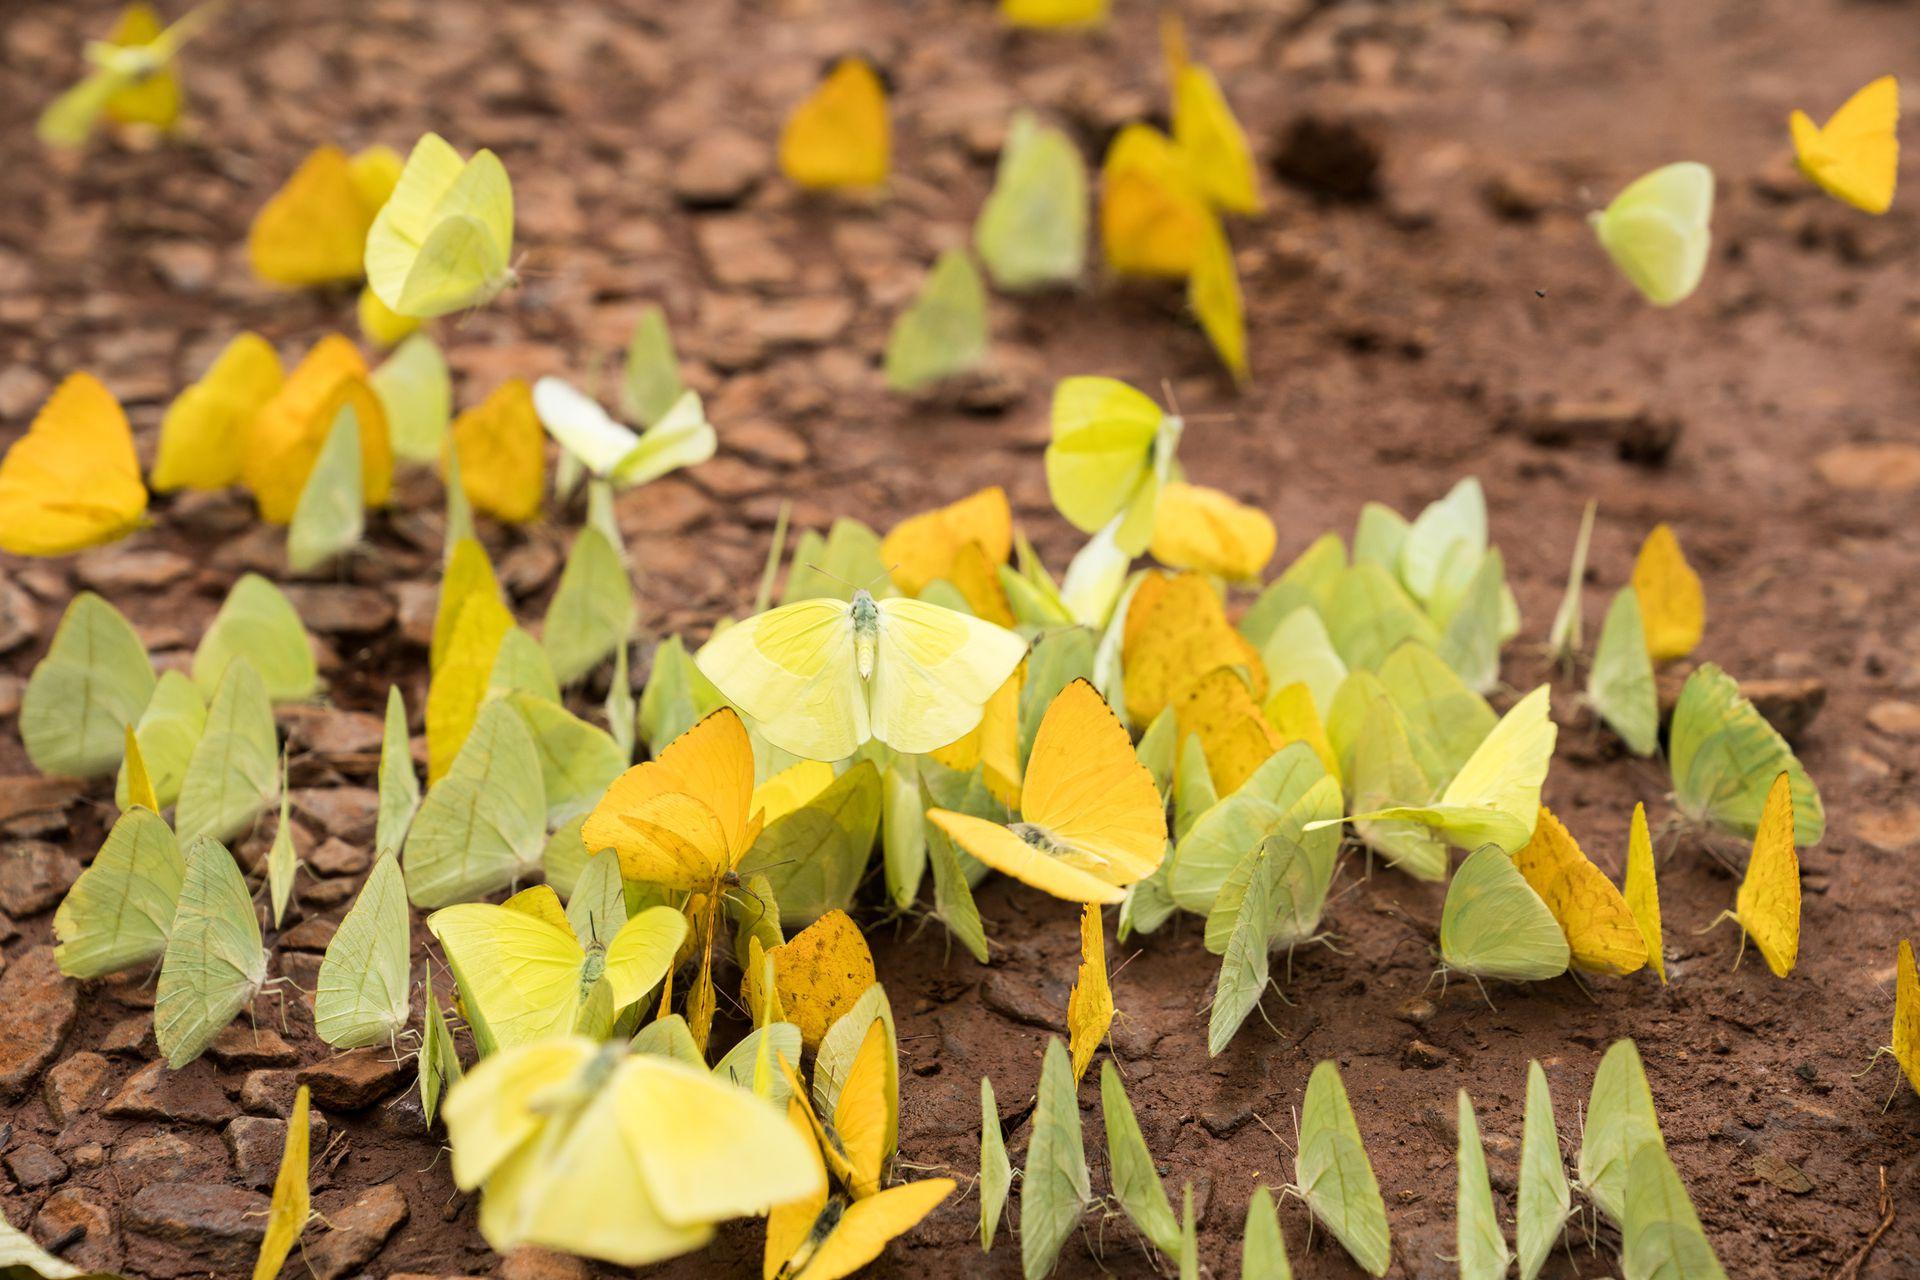 Mariposas limonadas sobre tierra colorada.